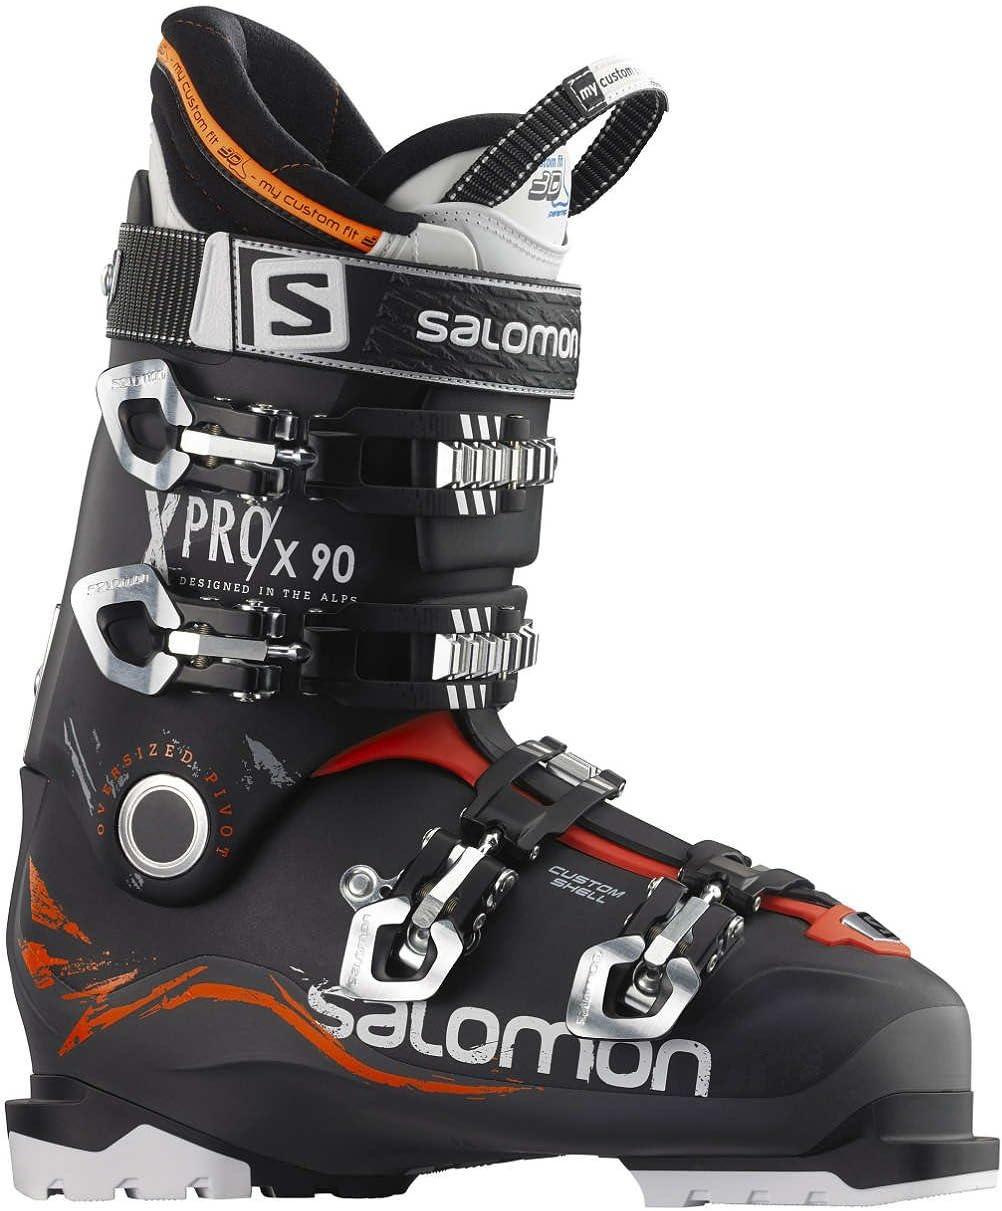 Salomon X Pro 100スキーブーツメンズ 無煙炭/ブラック 25.5 cm